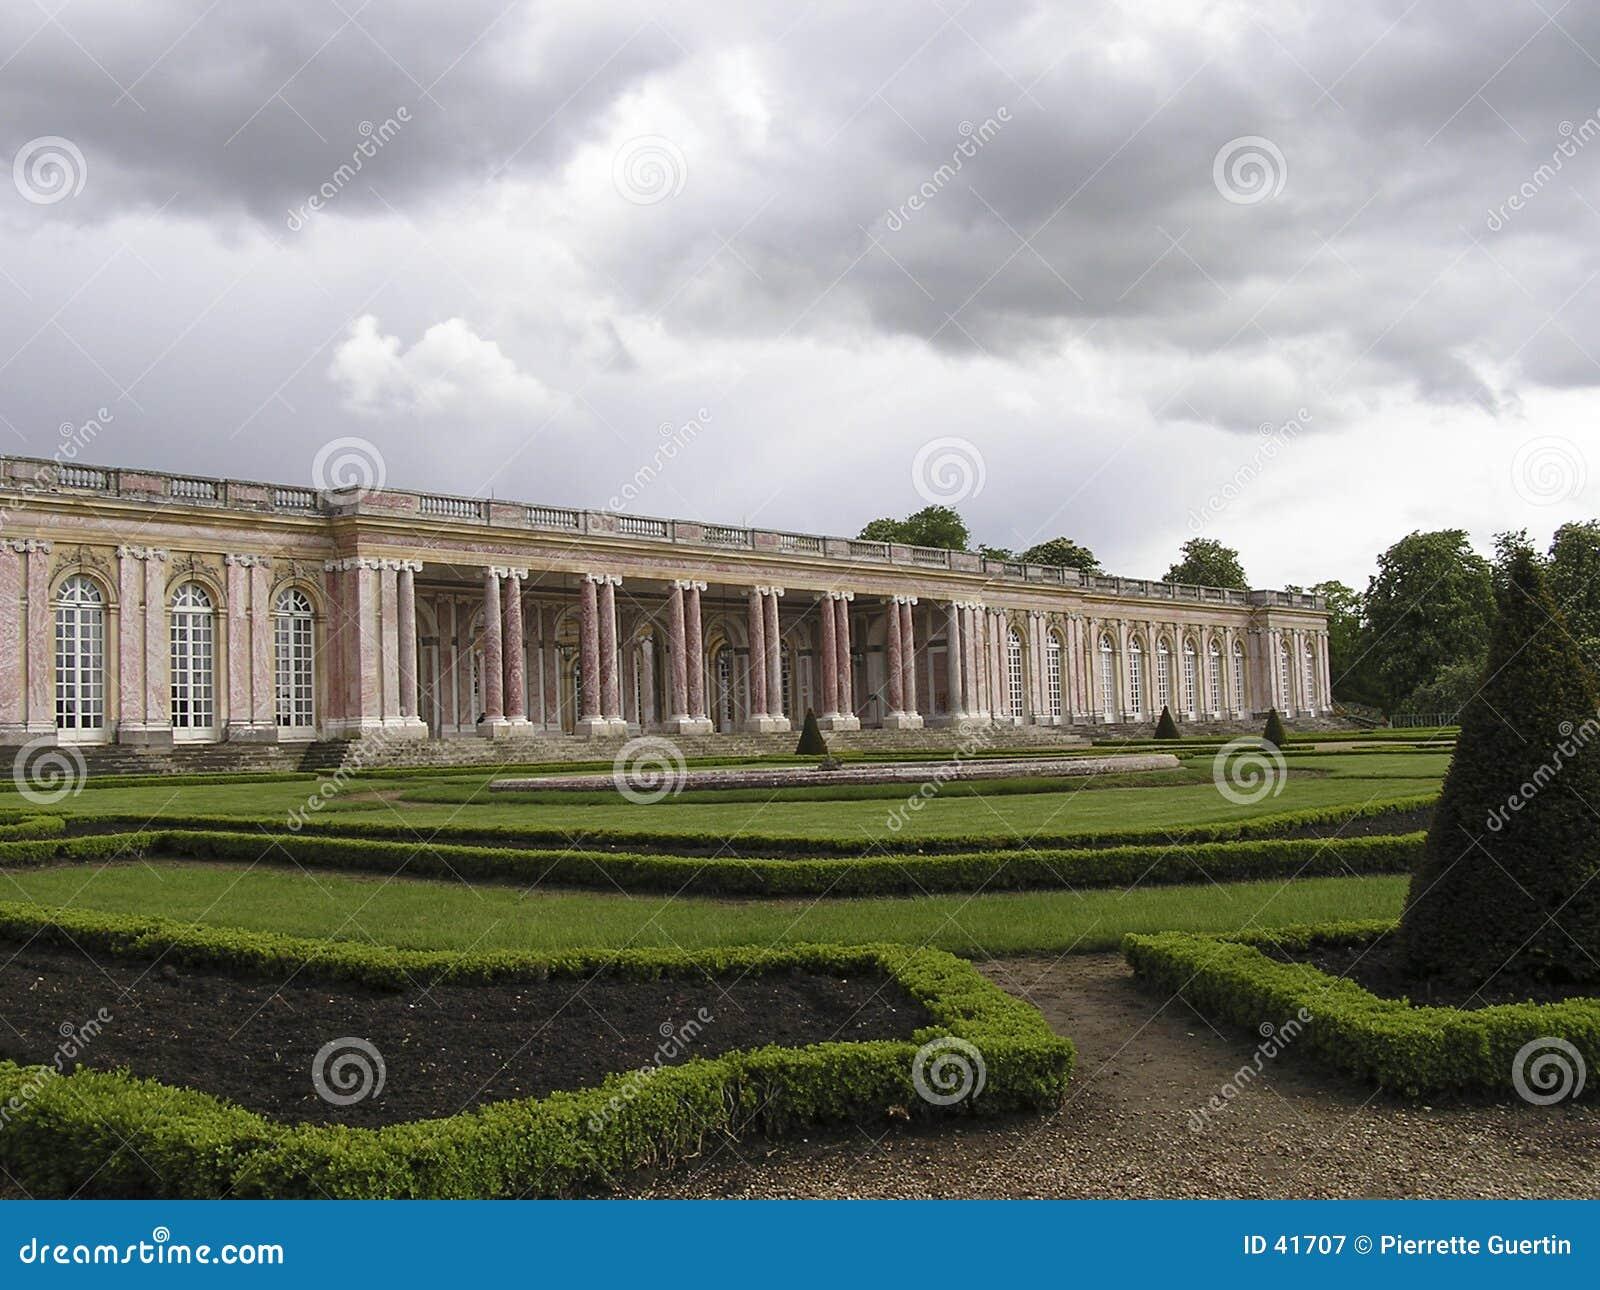 Palast von Versailles 1